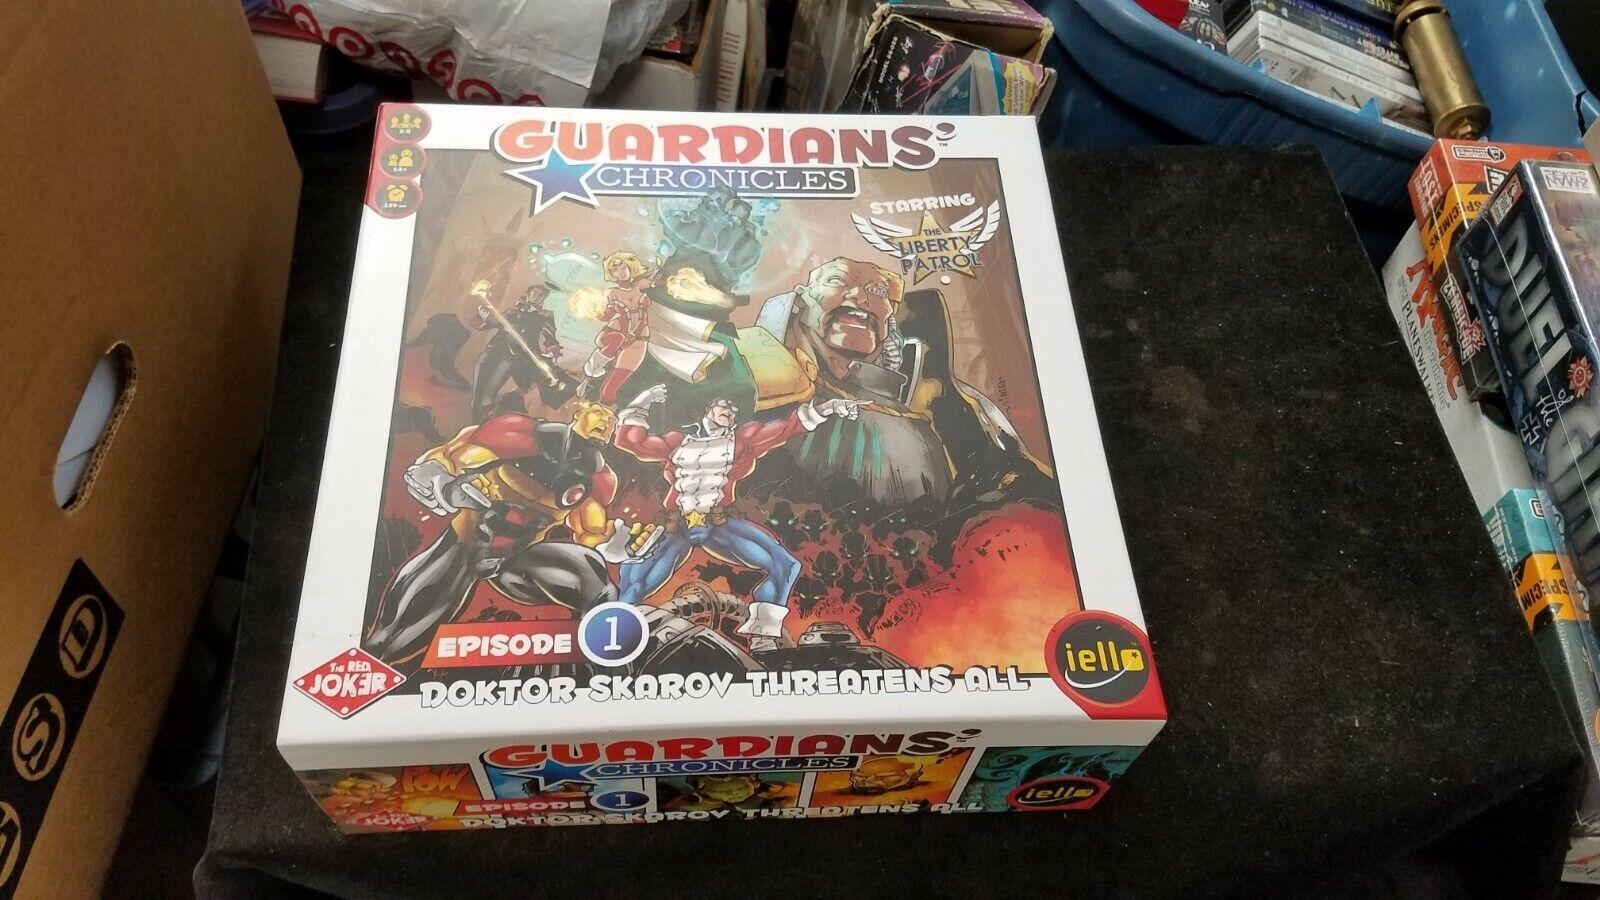 2014 Gelatina rojo Joker guardianes de crónicas episodio 1 juego de mesa COMPLETO